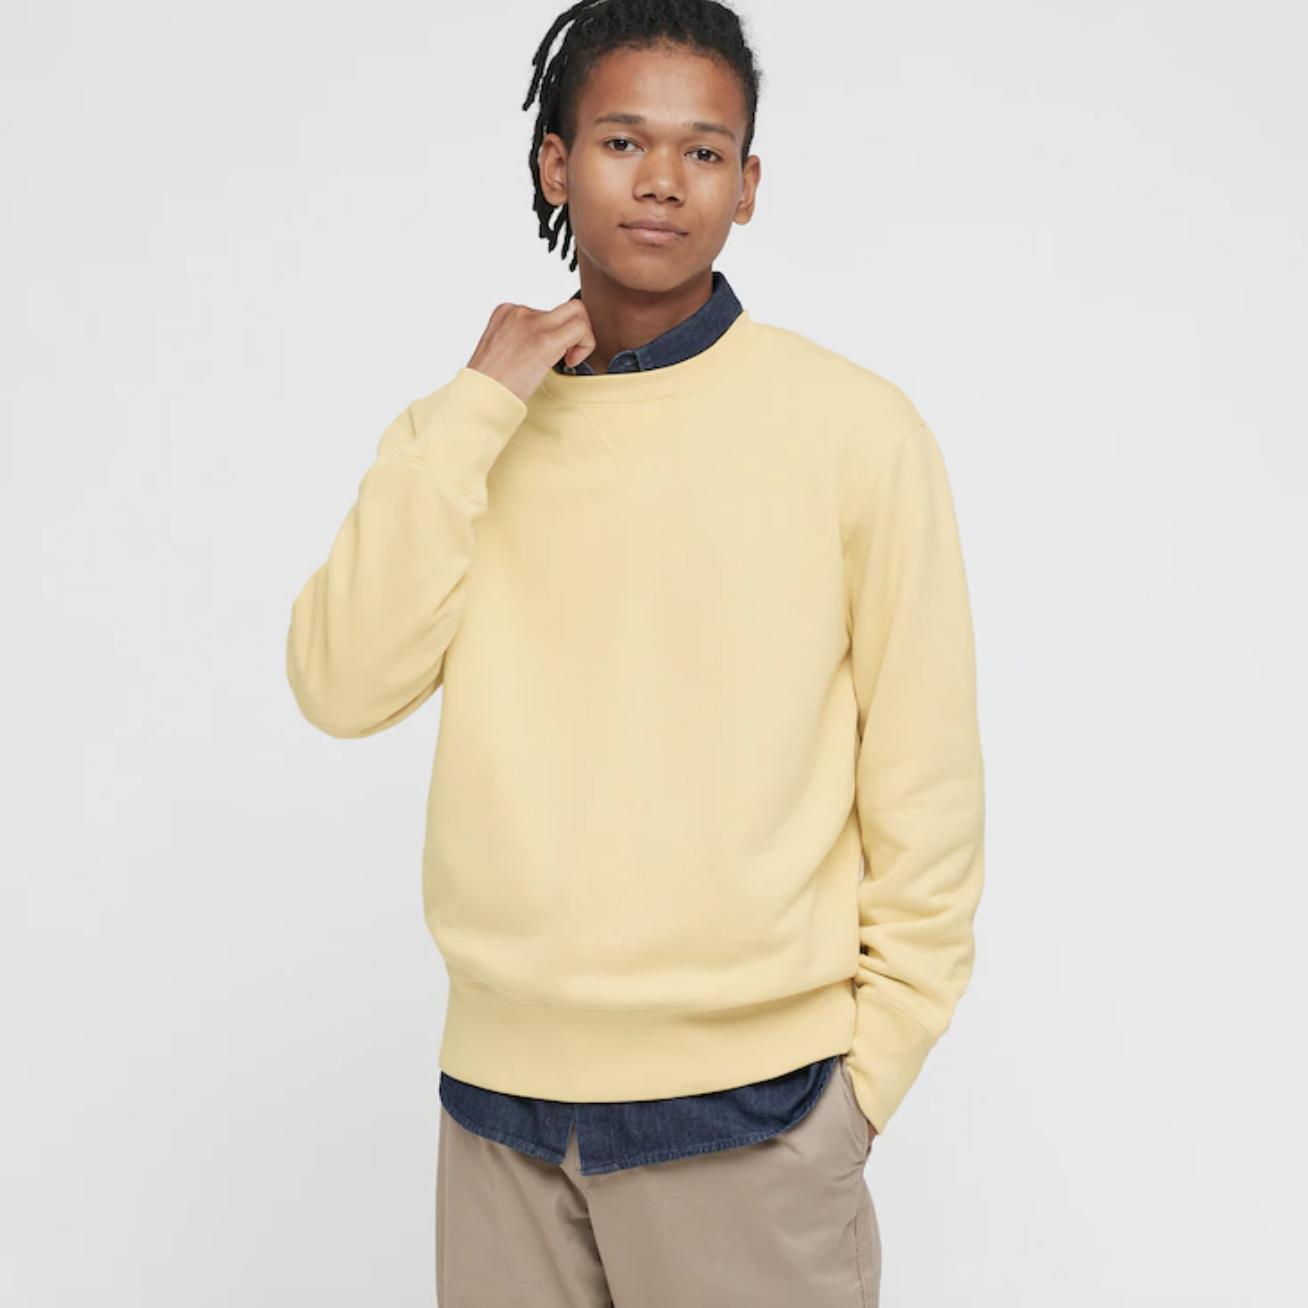 Uniqlo Long-Sleeve Sweatshirt